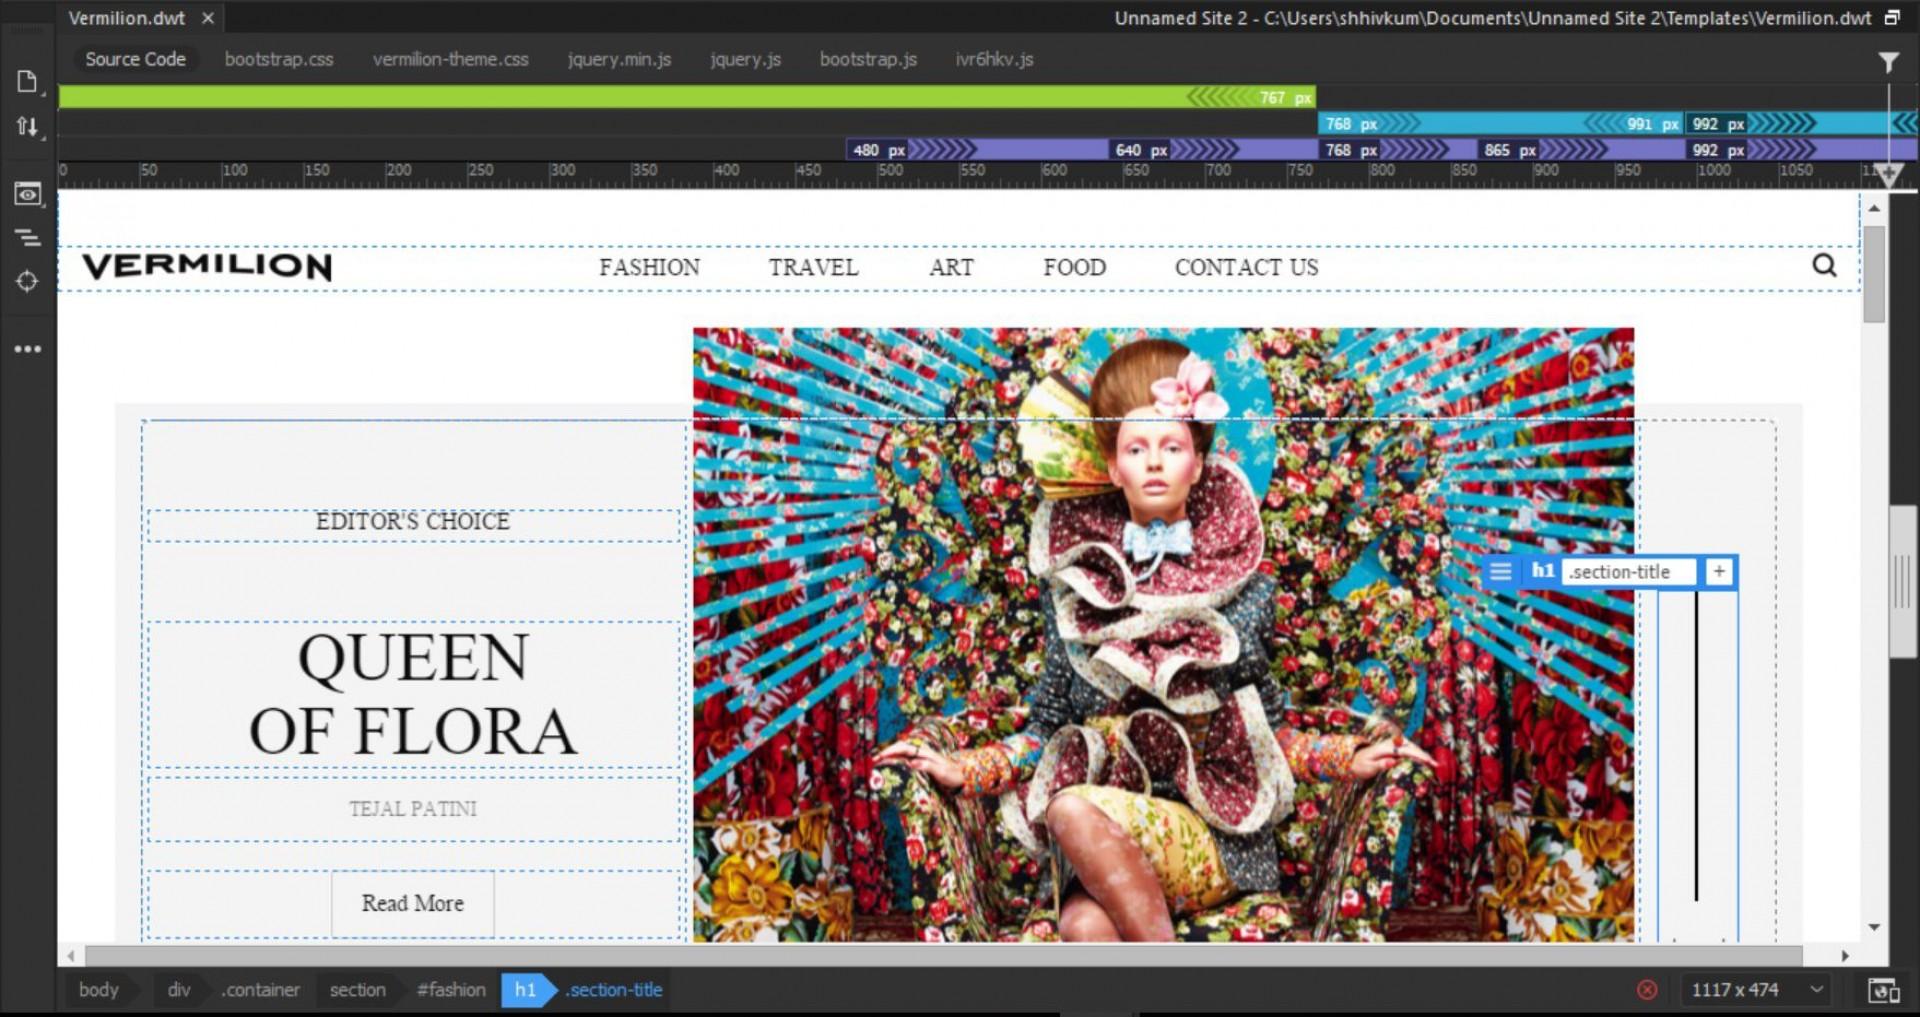 004 Excellent Dream Weaver Web Template Idea  Templates1920